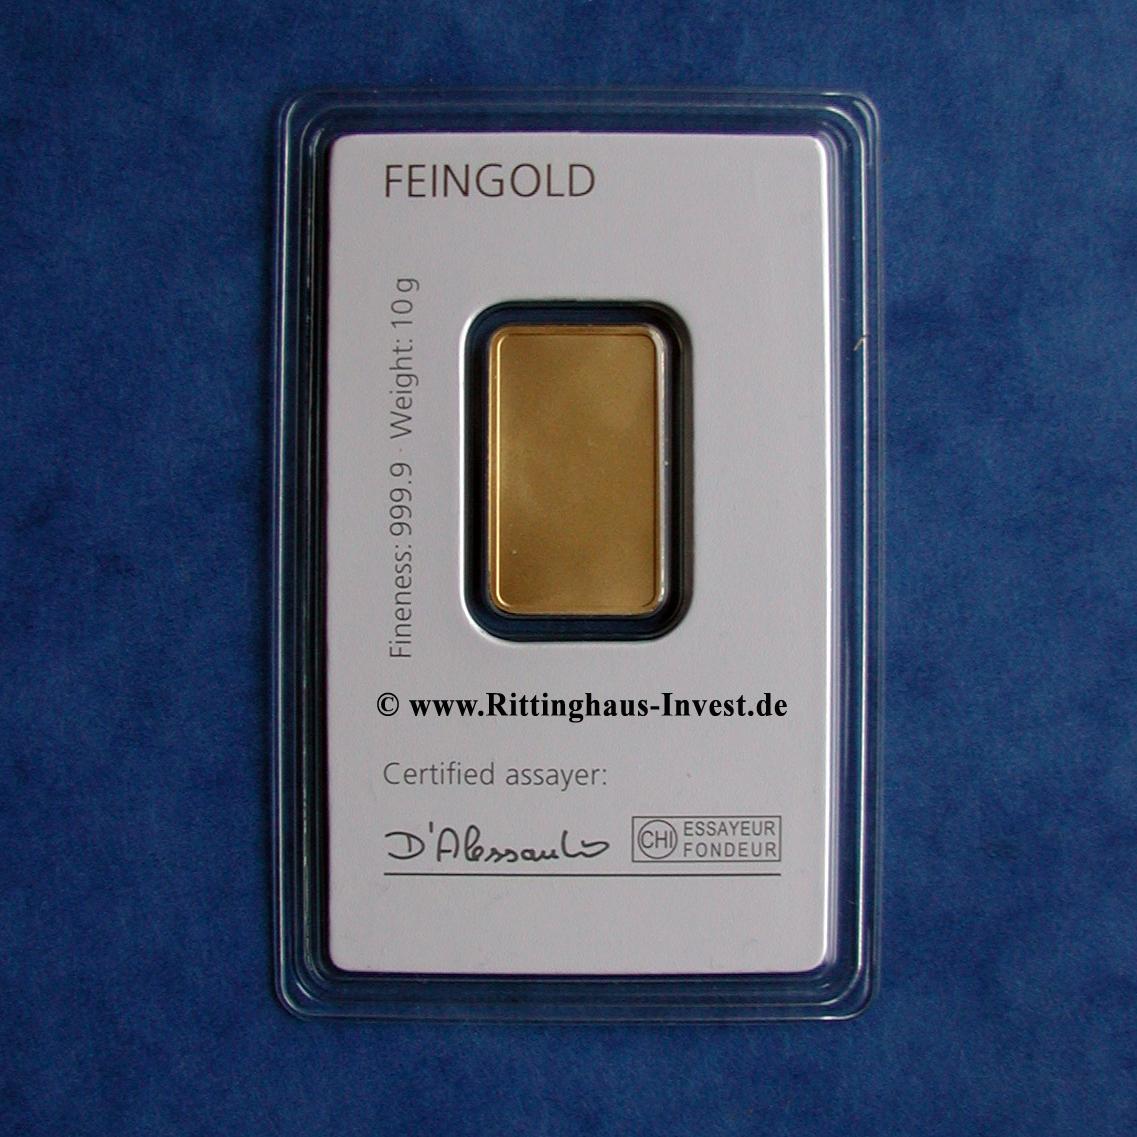 degussa-10g-goldbarren-goldbar-blister-echtheitszertifikat